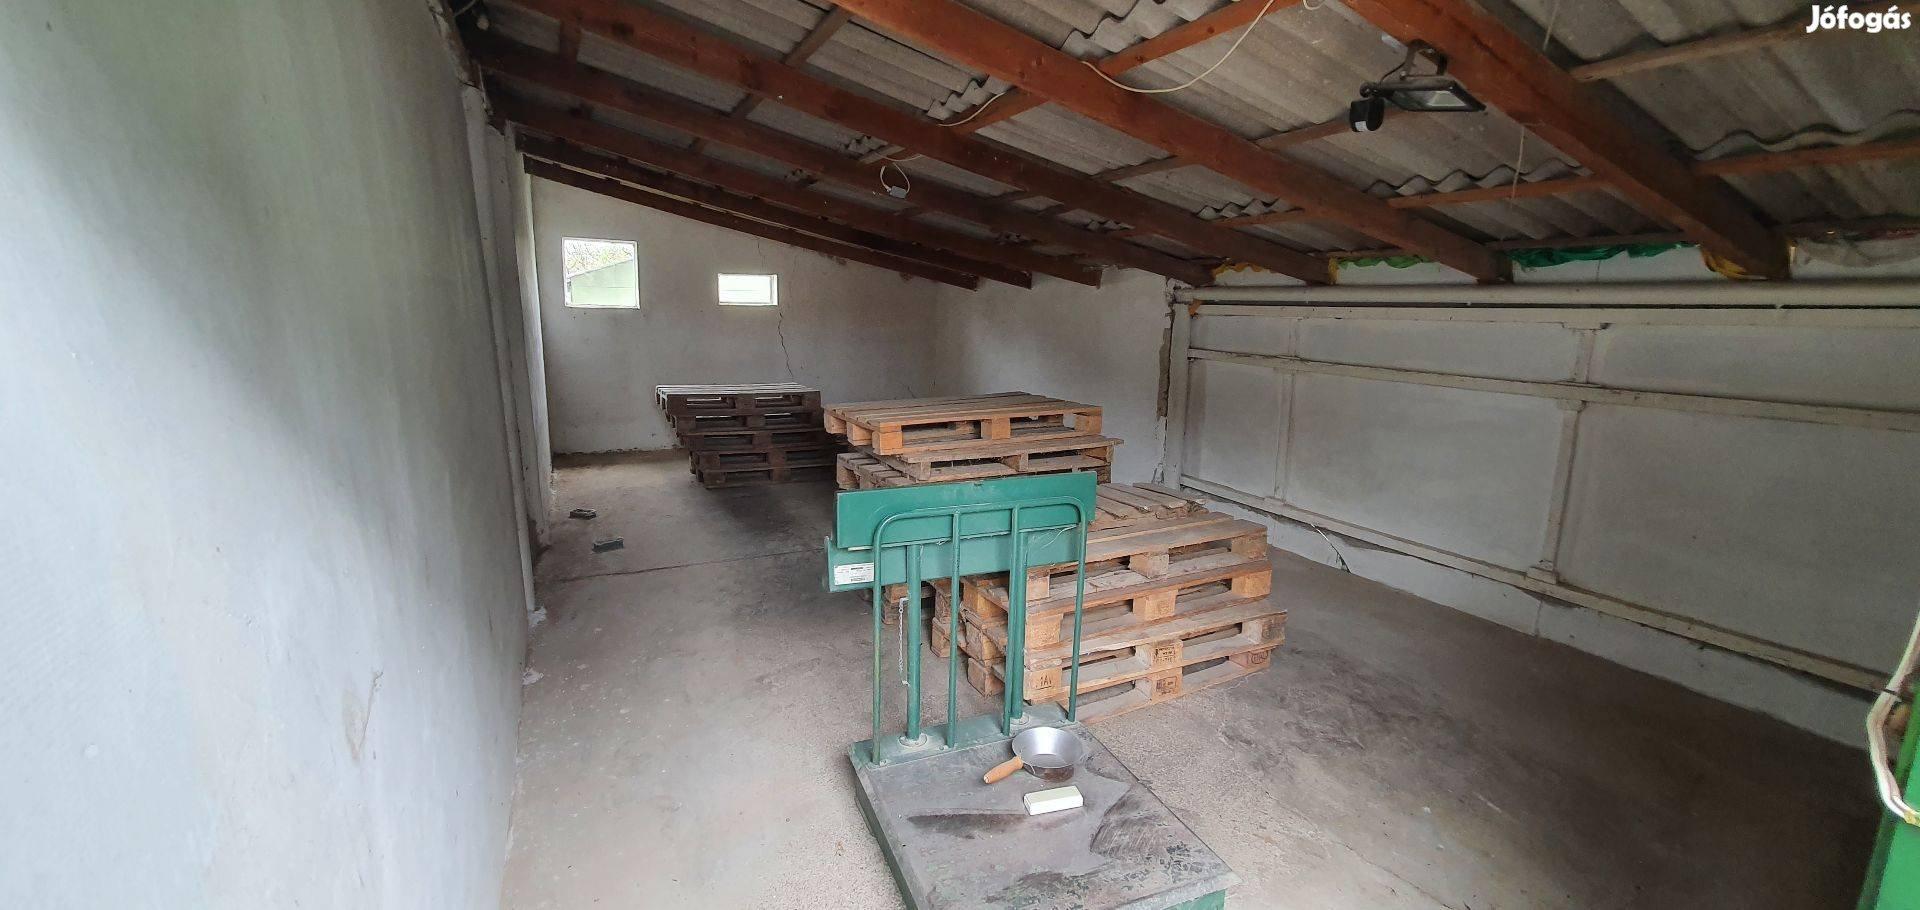 Felsőjózsán 20 m2-es üzlethelyiség 33 m2-es raktárral kiadó